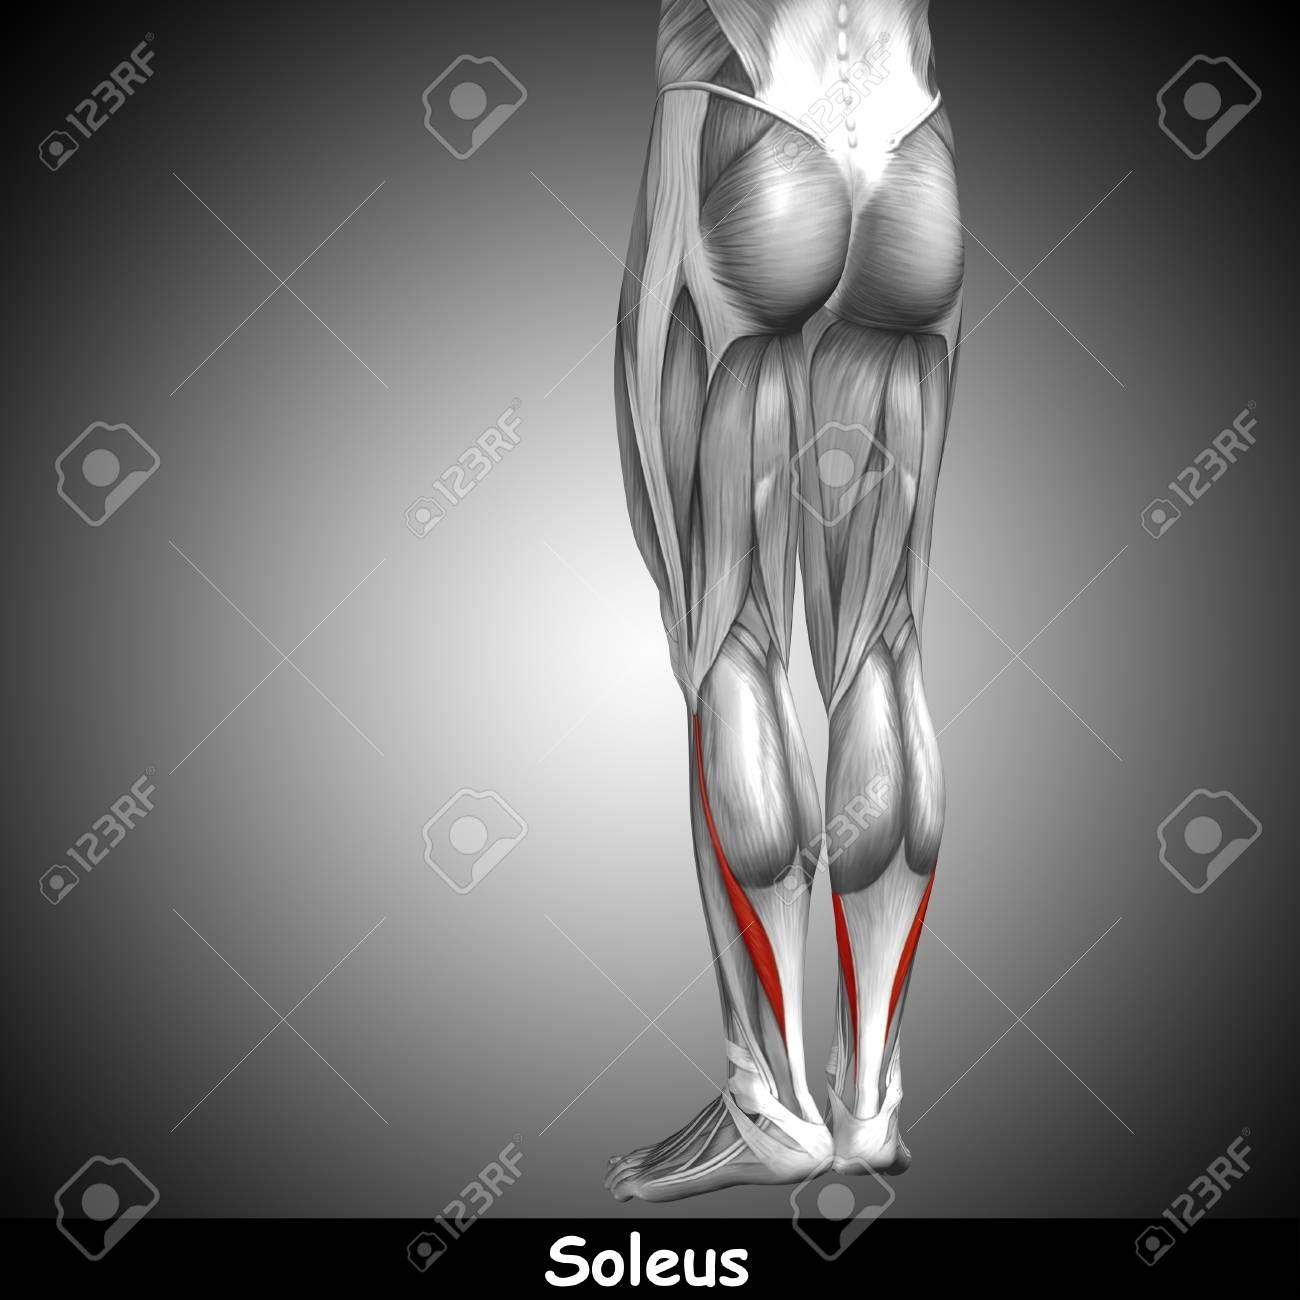 Hermosa Anatomía Muscular Inferior De La Espalda Patrón - Imágenes ...